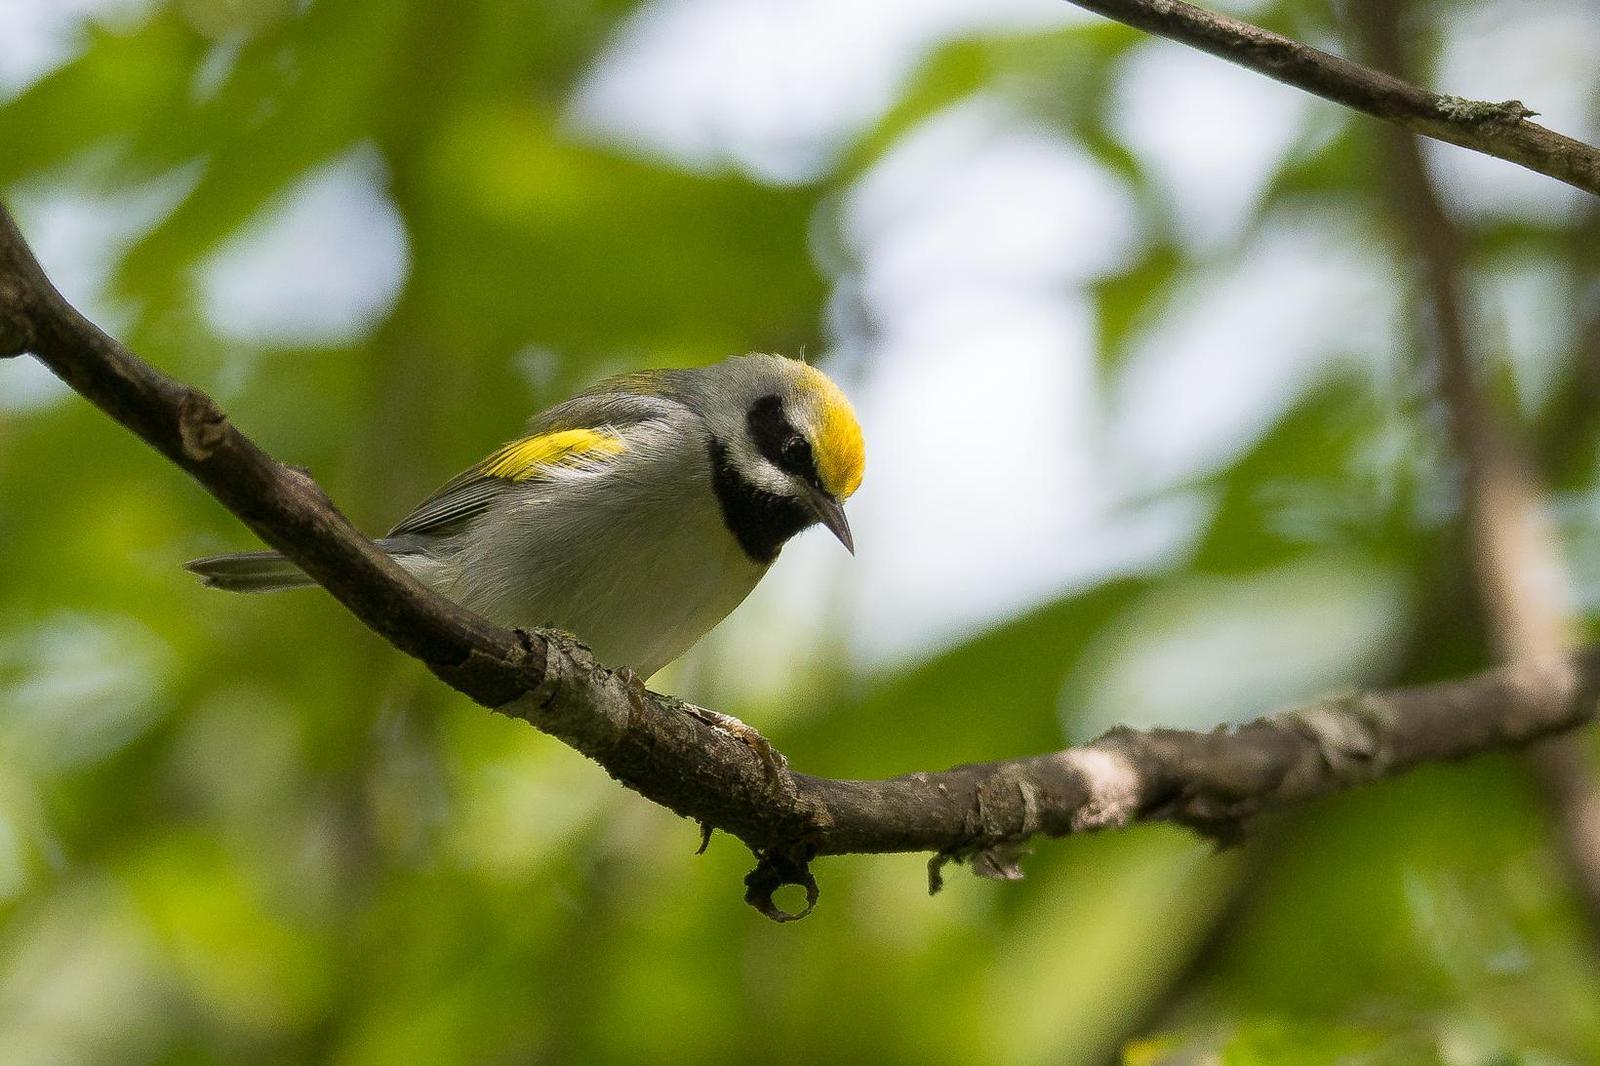 Golden-winged Warbler Photo by Gerald Hoekstra